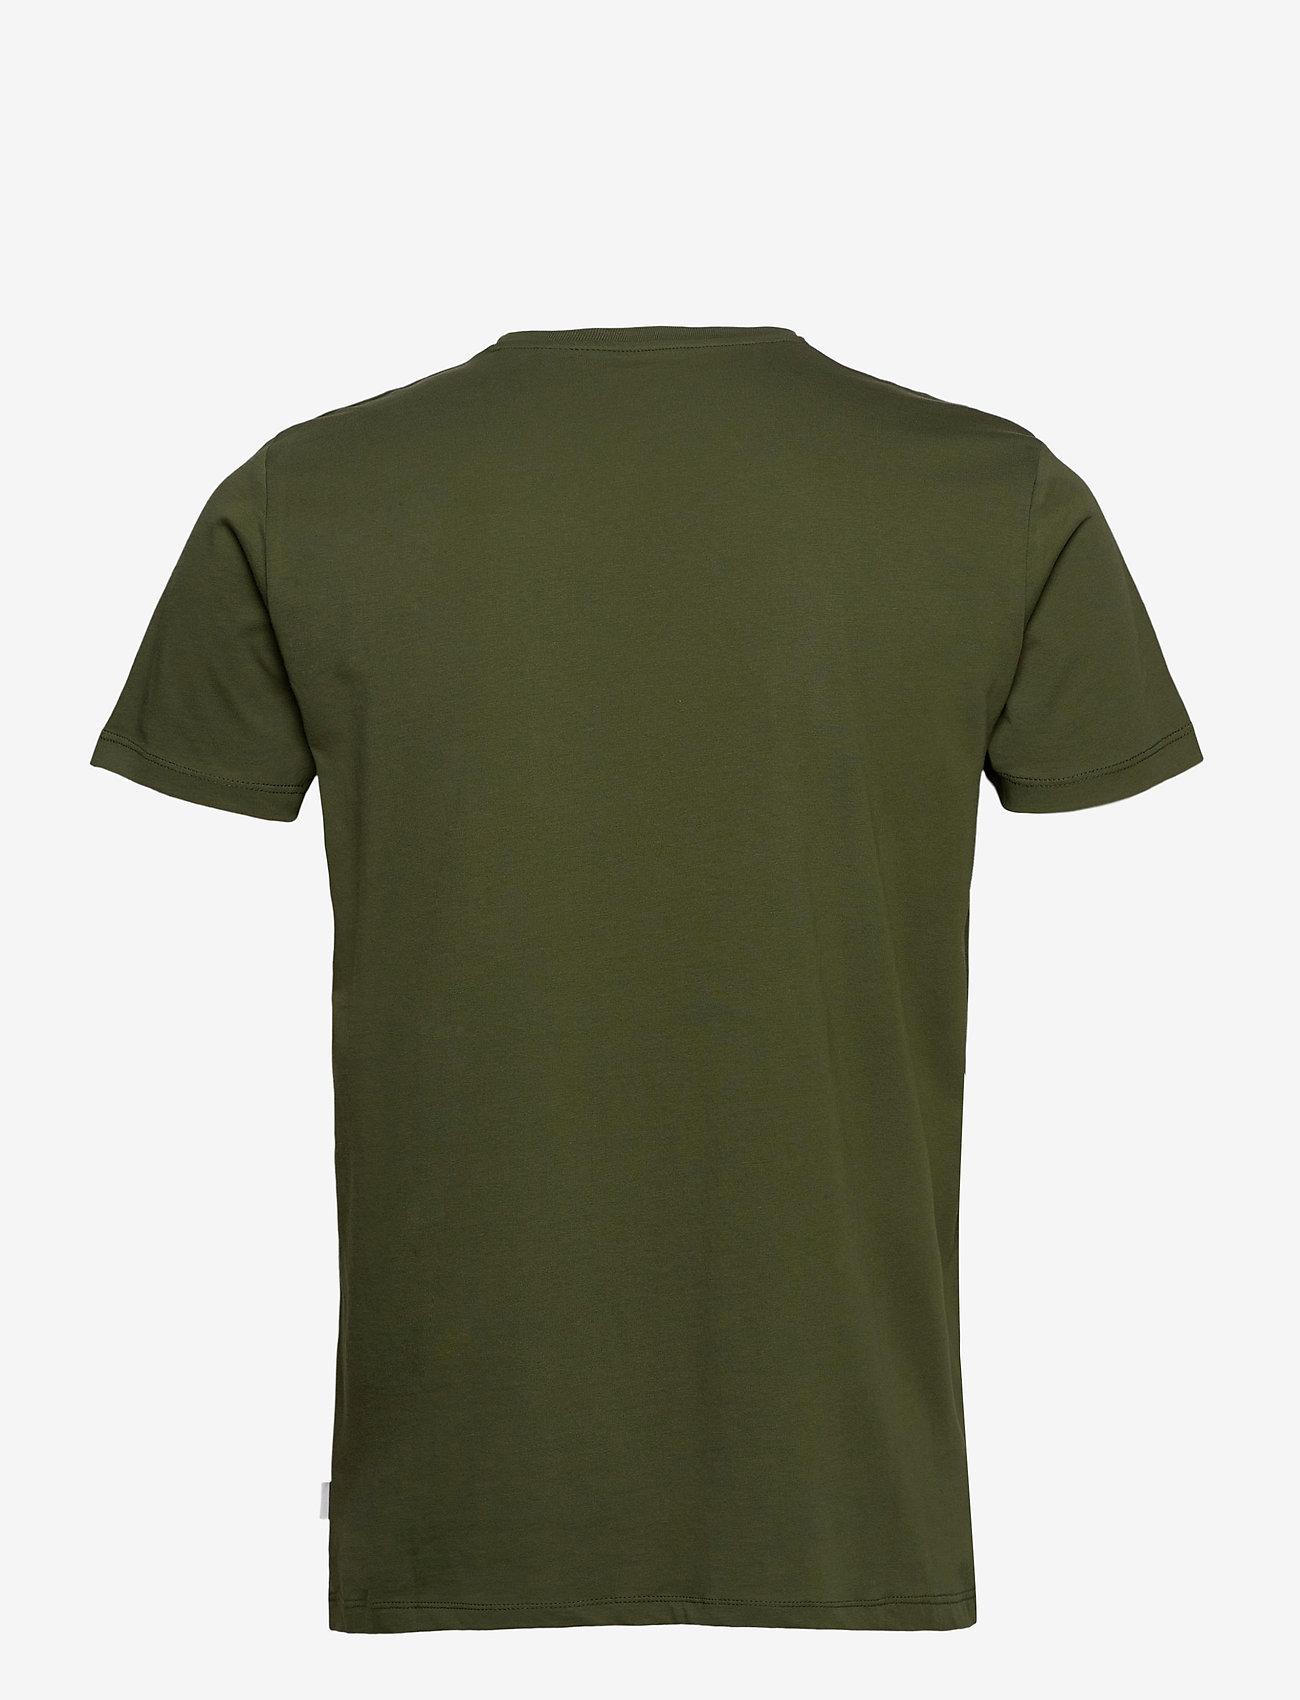 Esprit Casual - T-Shirts - t-shirts basiques - khaki green - 1